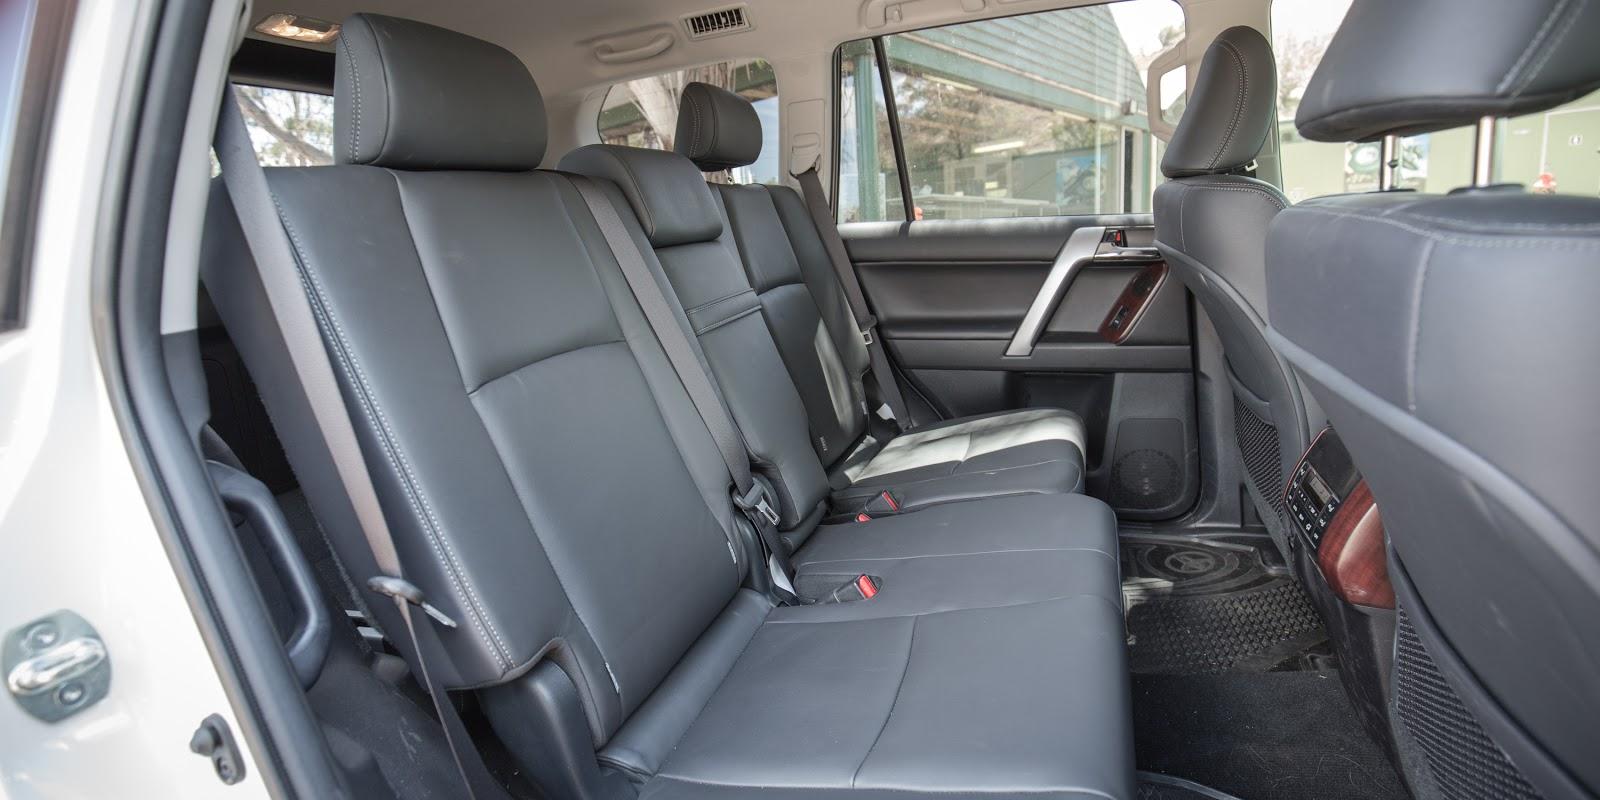 Toyota Land Cruiser Prado 2016 - chiếc xe làm chủ mọi địa hình